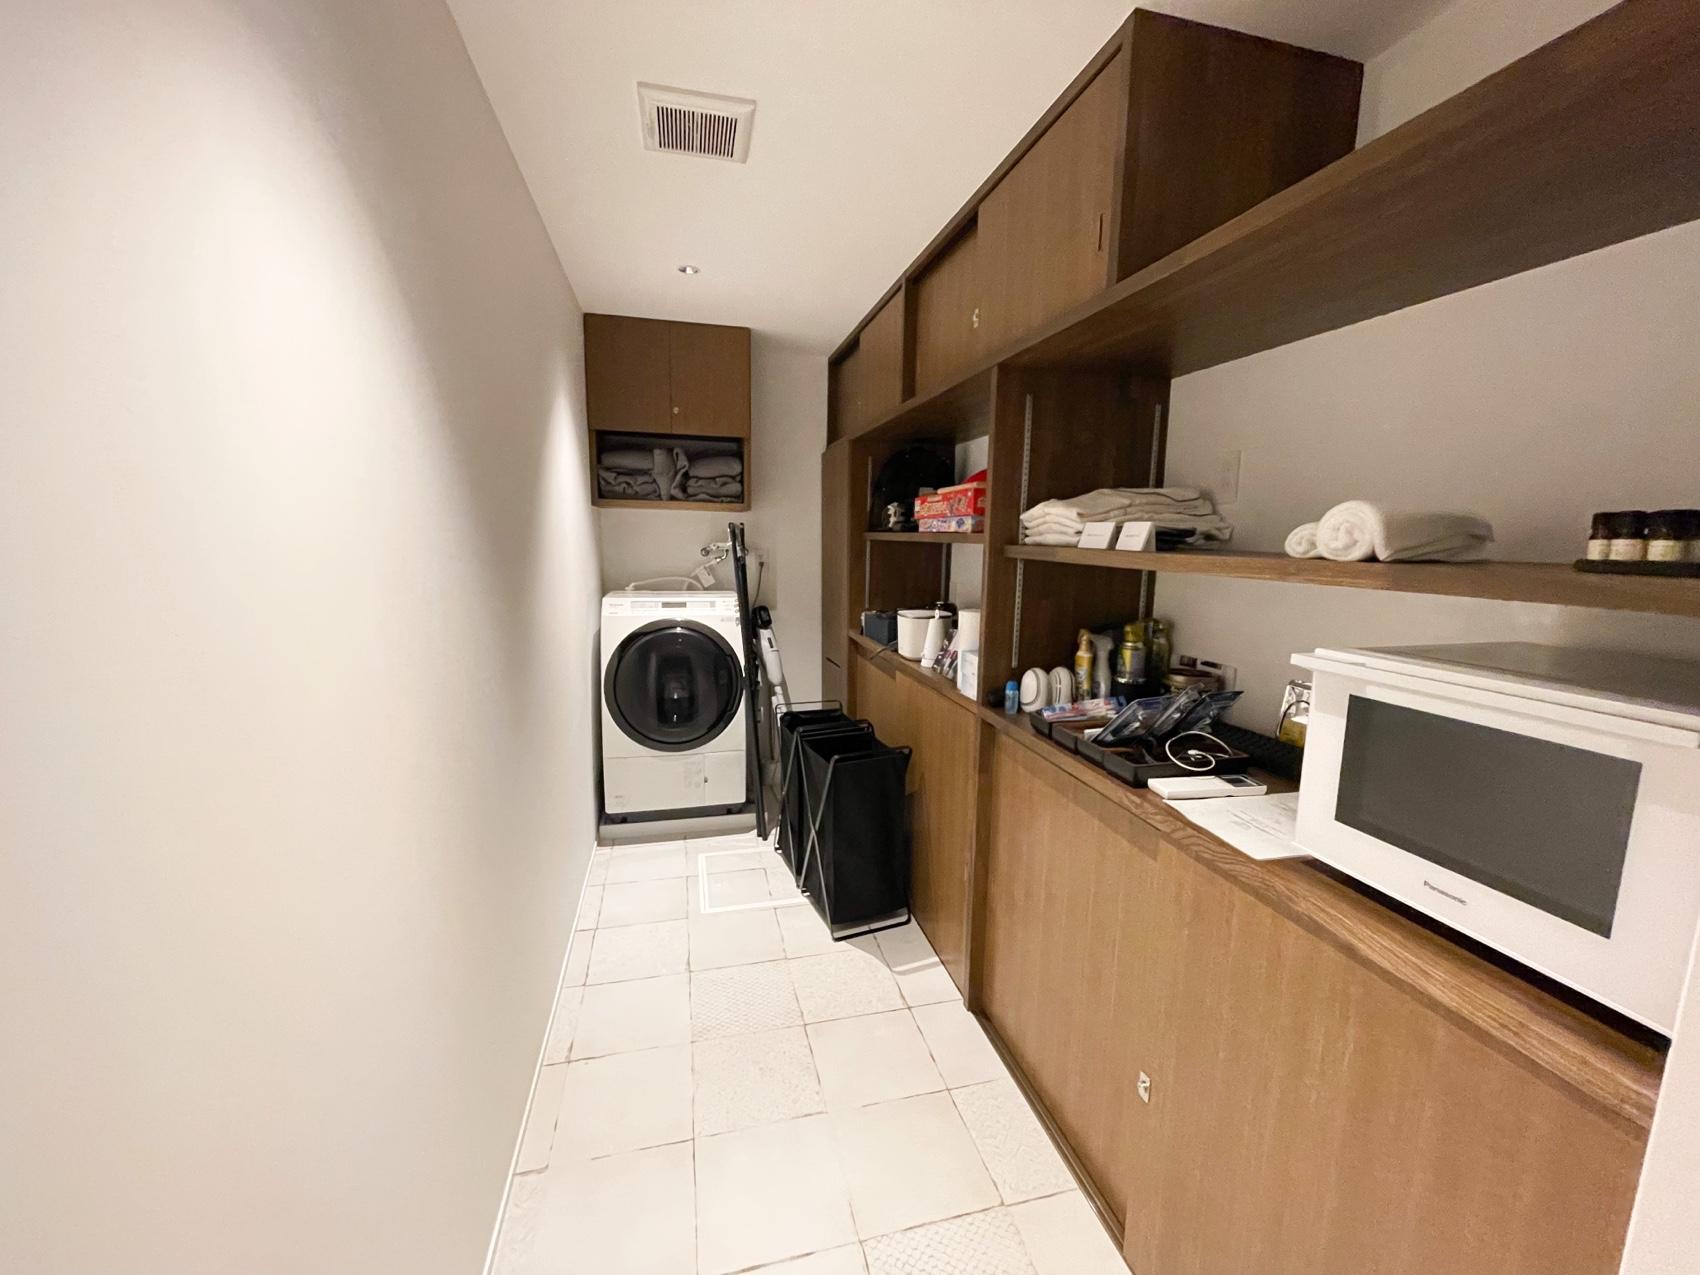 アブラサスホテルのアメニティがあるストックルーム 備品 設備